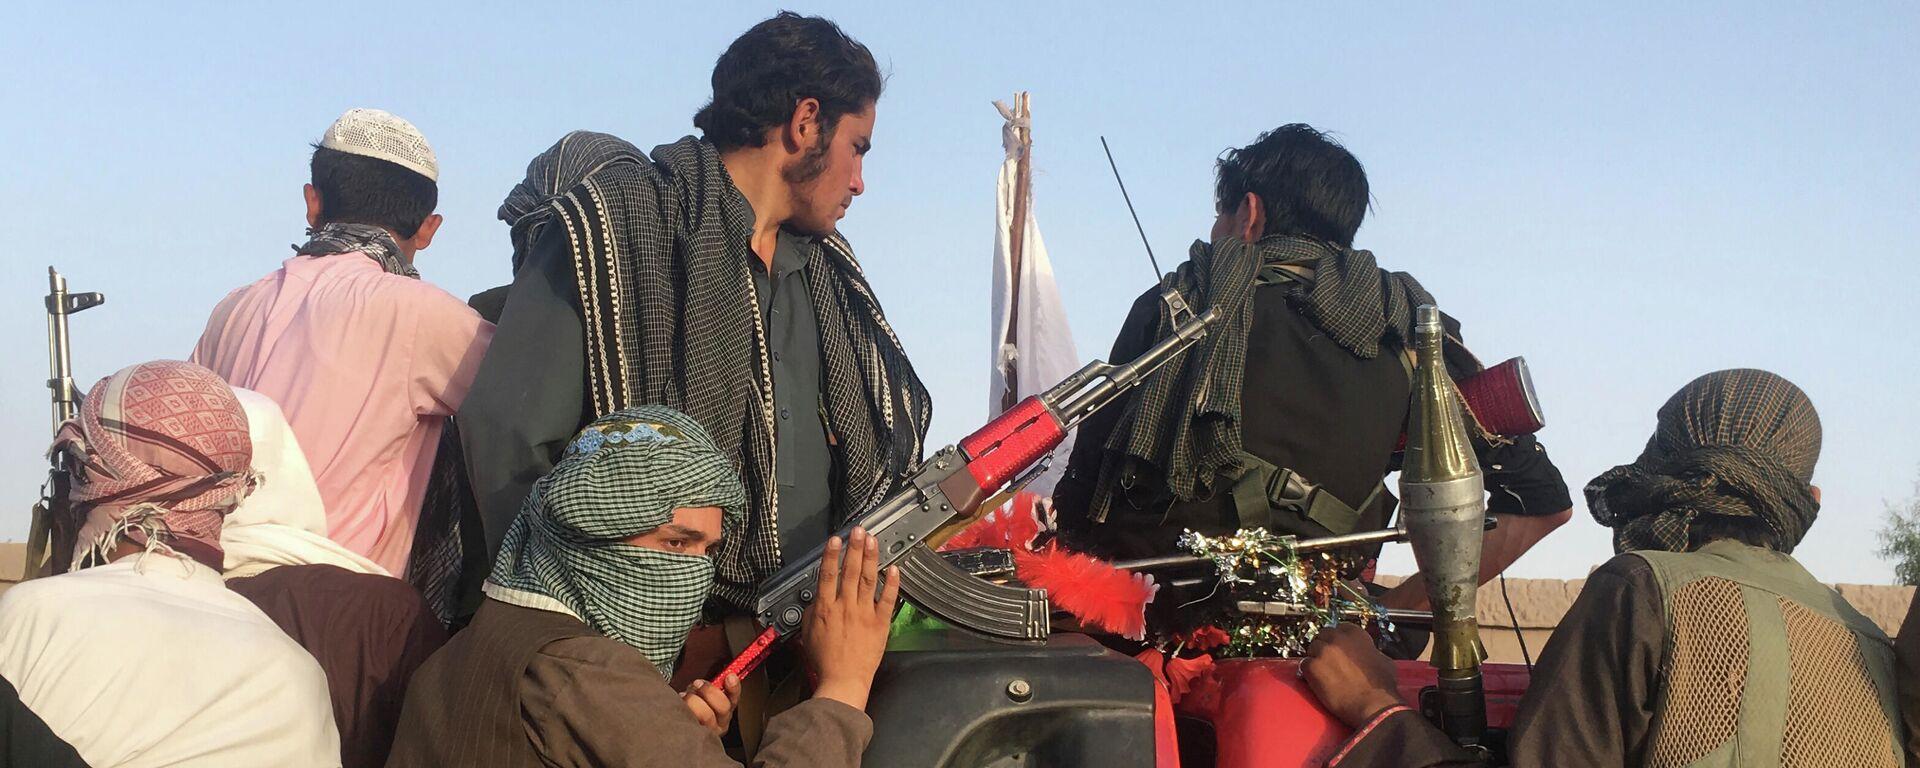 Bojovníci radikálního hnutí Tálibán* v Afghánistánu - Sputnik Česká republika, 1920, 09.08.2021